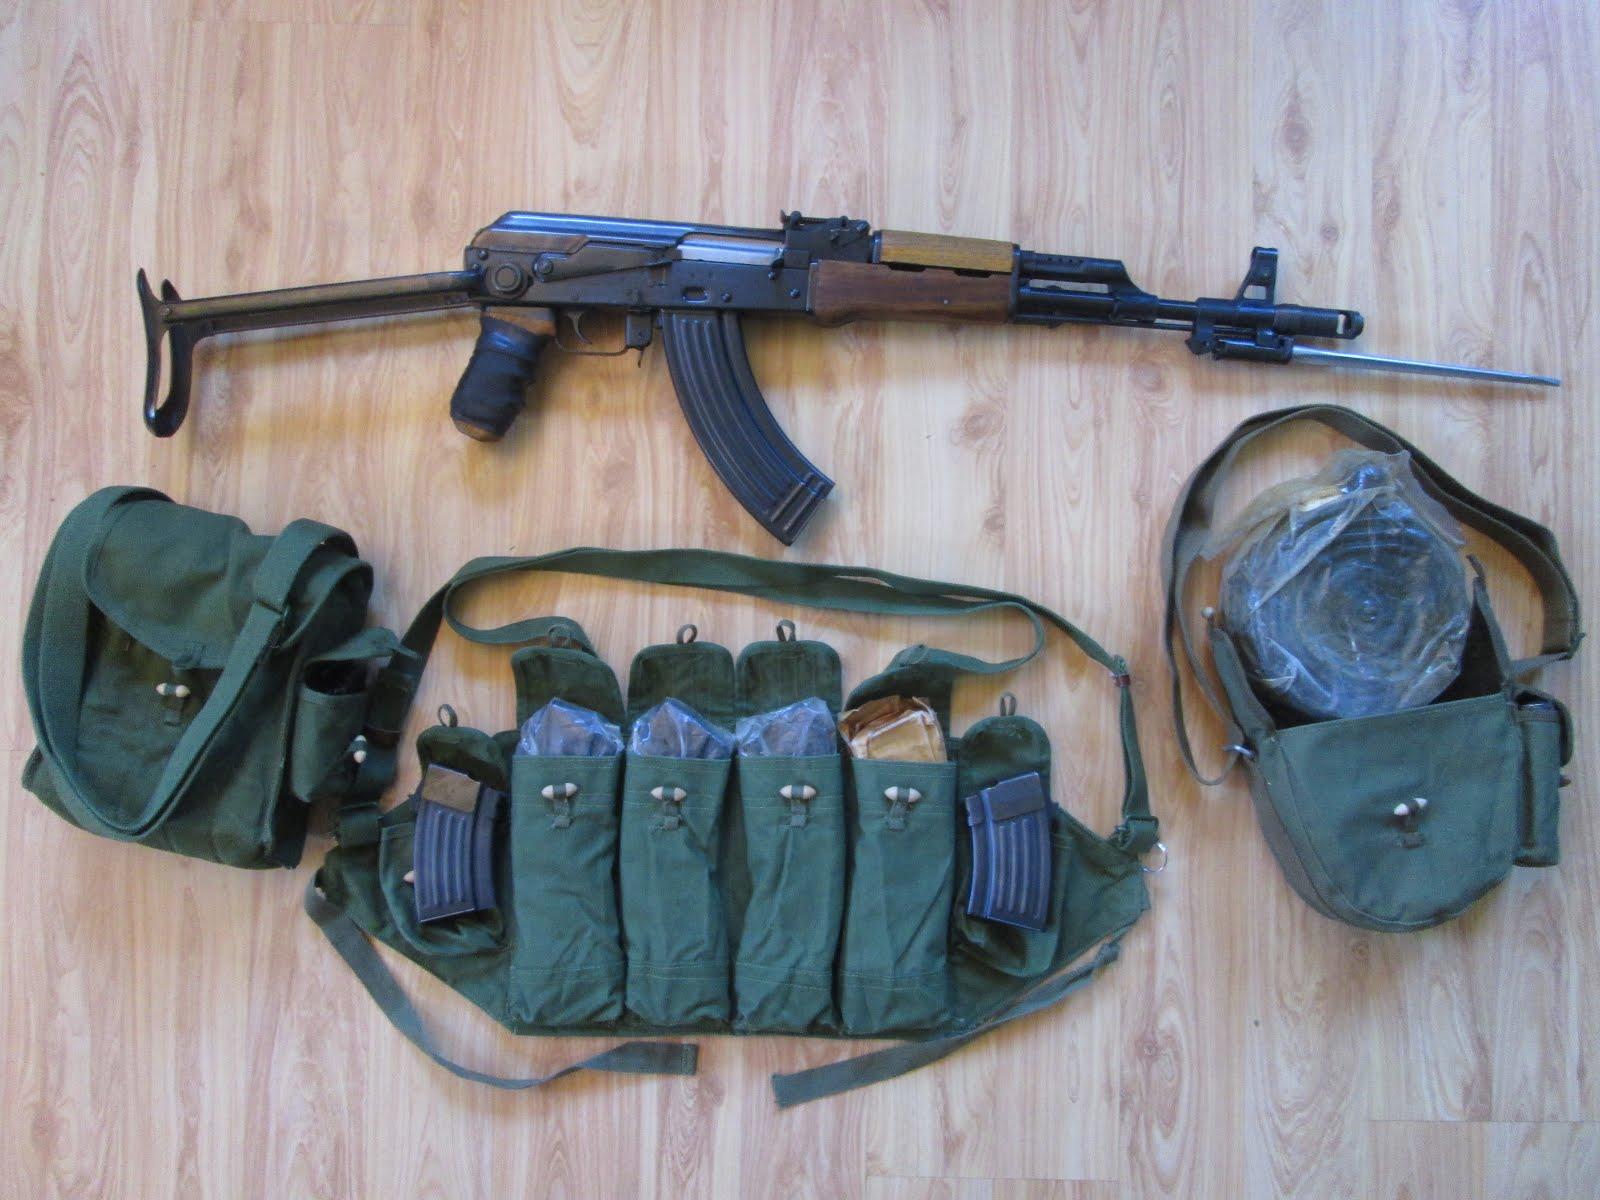 Double Under-folder, AK-47S